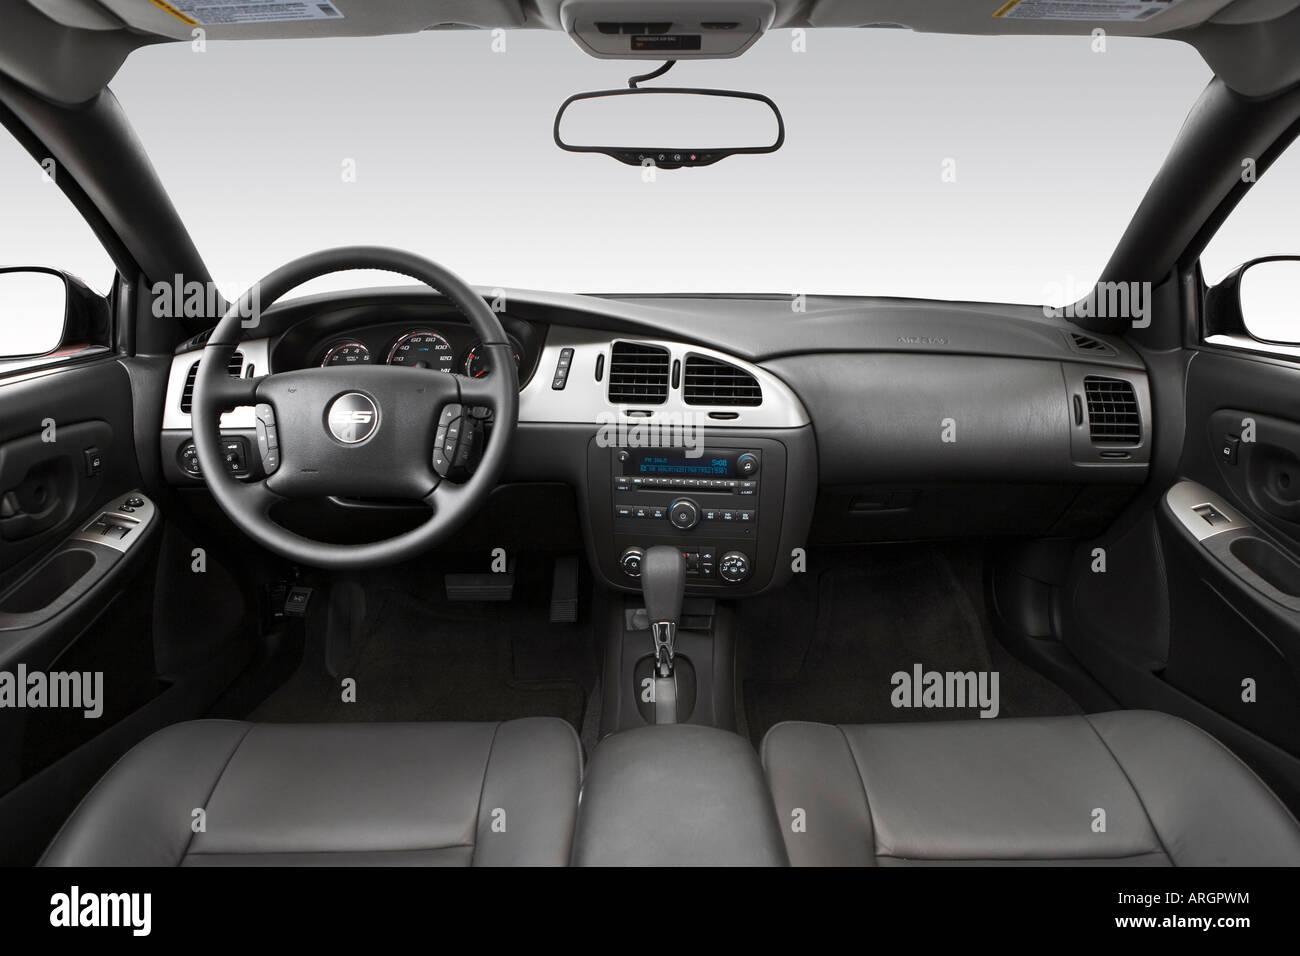 2007 Chevrolet Monte Carlo SS Em Preto   Painel De Bordo, Consola Central,  Vista De Mudança De Marchas